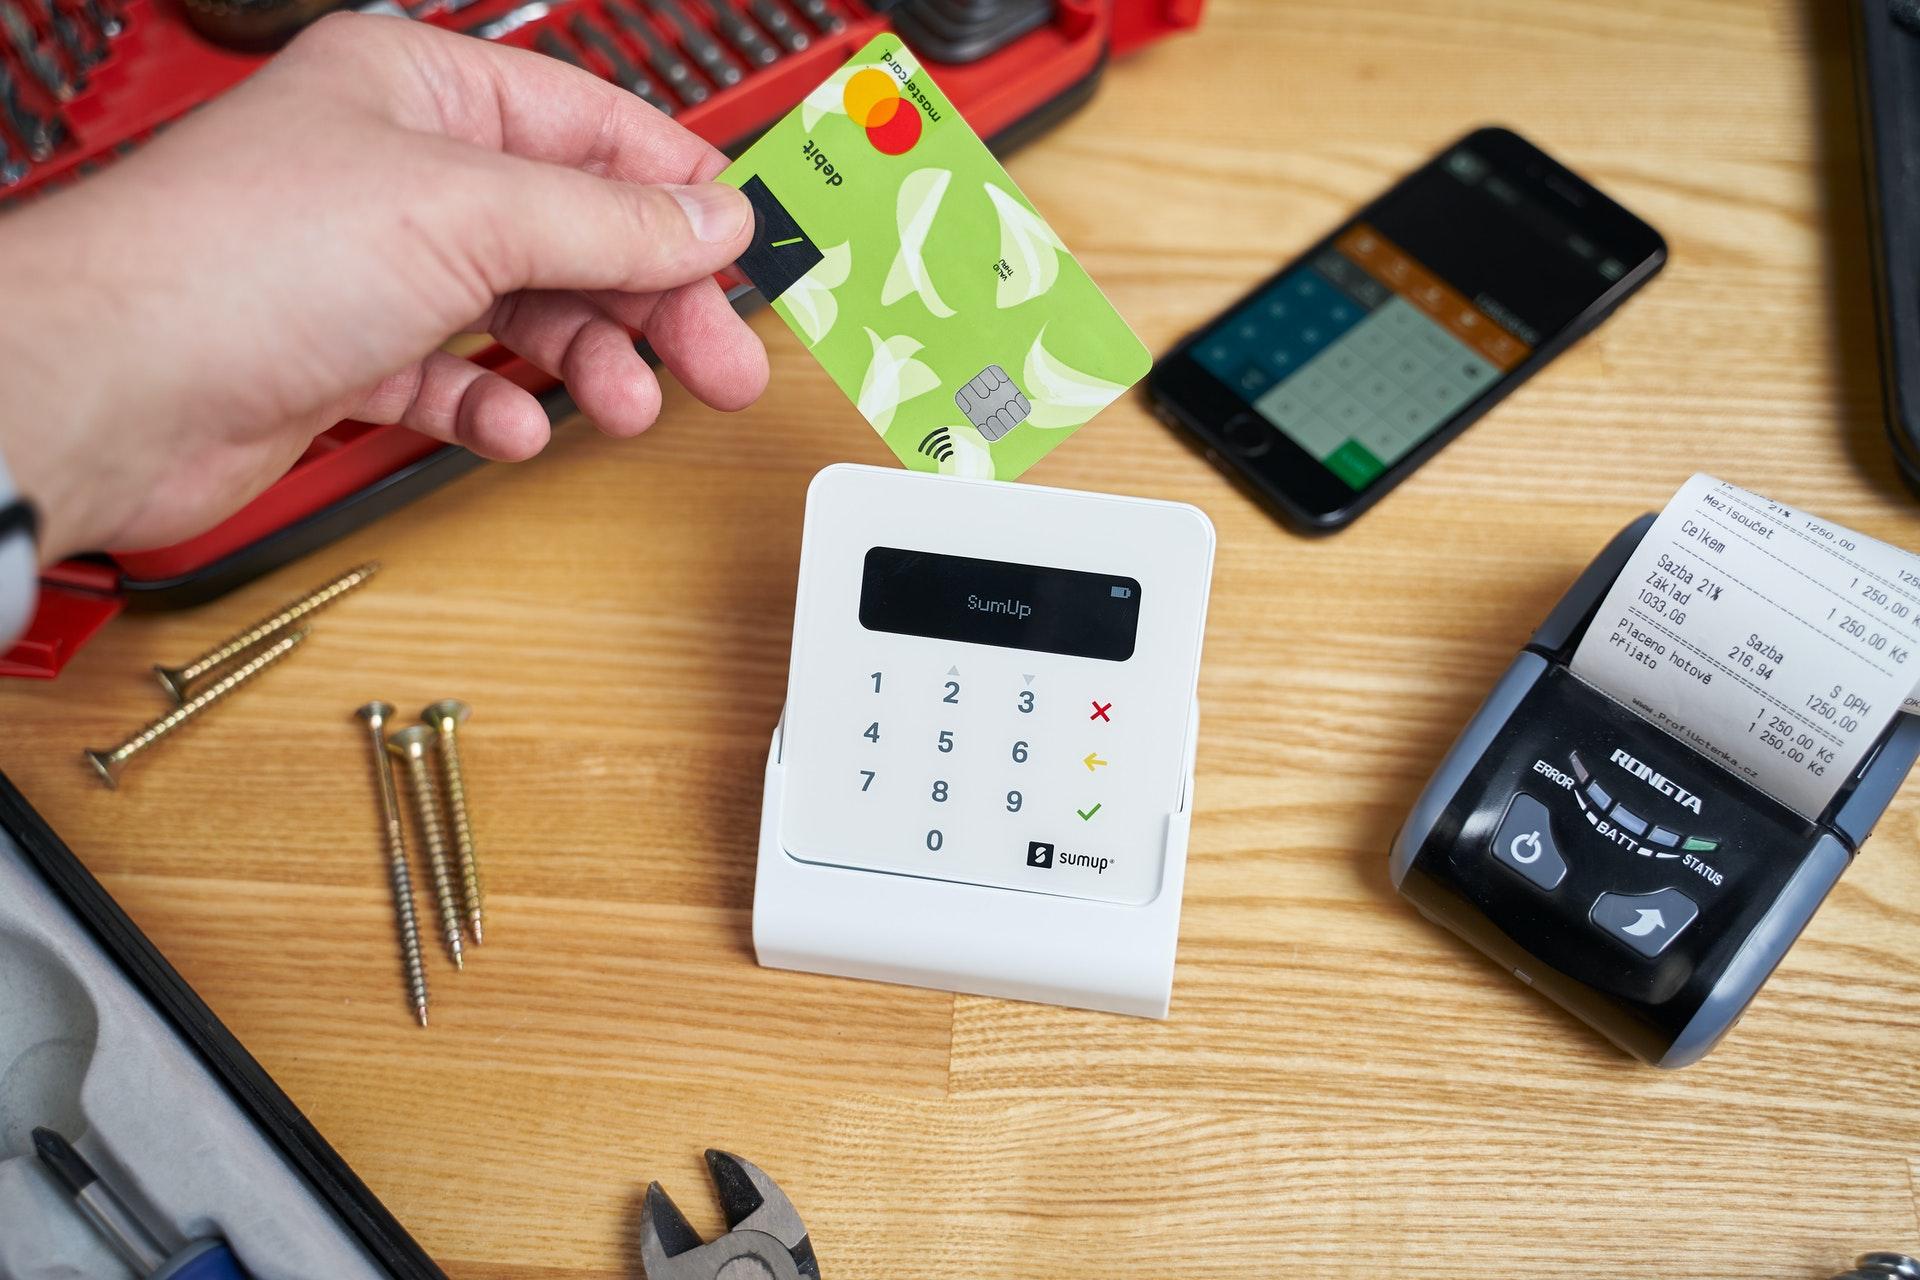 Vemos uma máquina de cartão branca em uma mesa; alguém está prestes a usá-la (imagem ilustrativa).